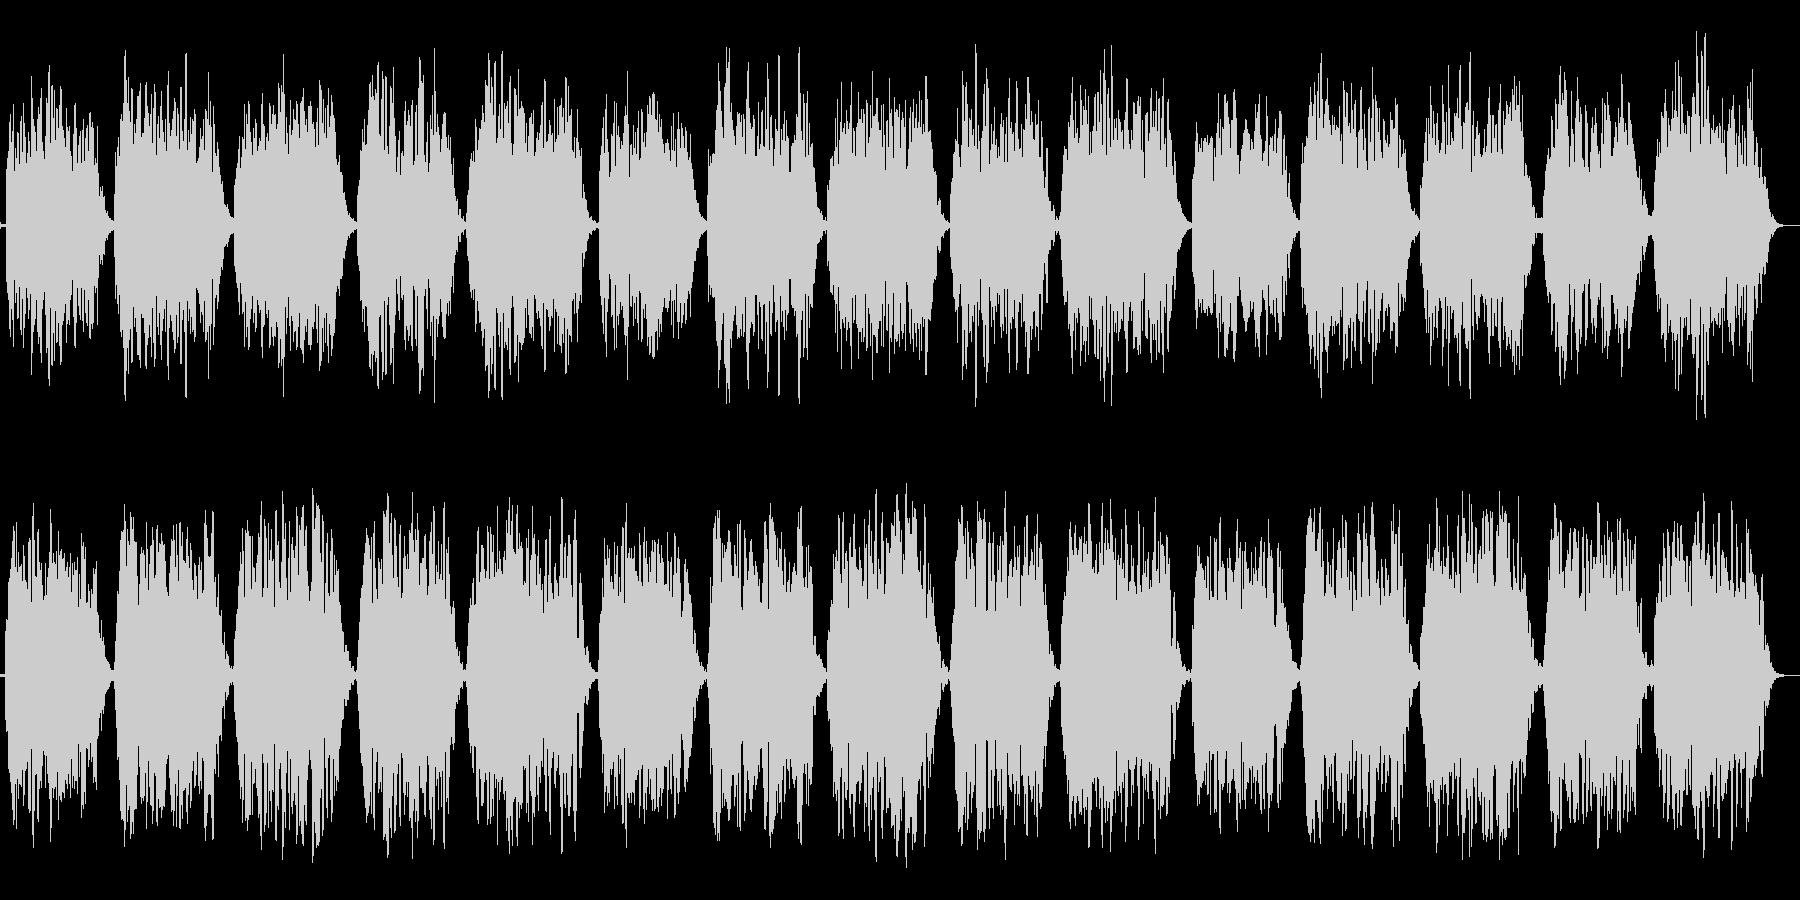 第一のチャクラ瞑想をC(ド)の音での未再生の波形